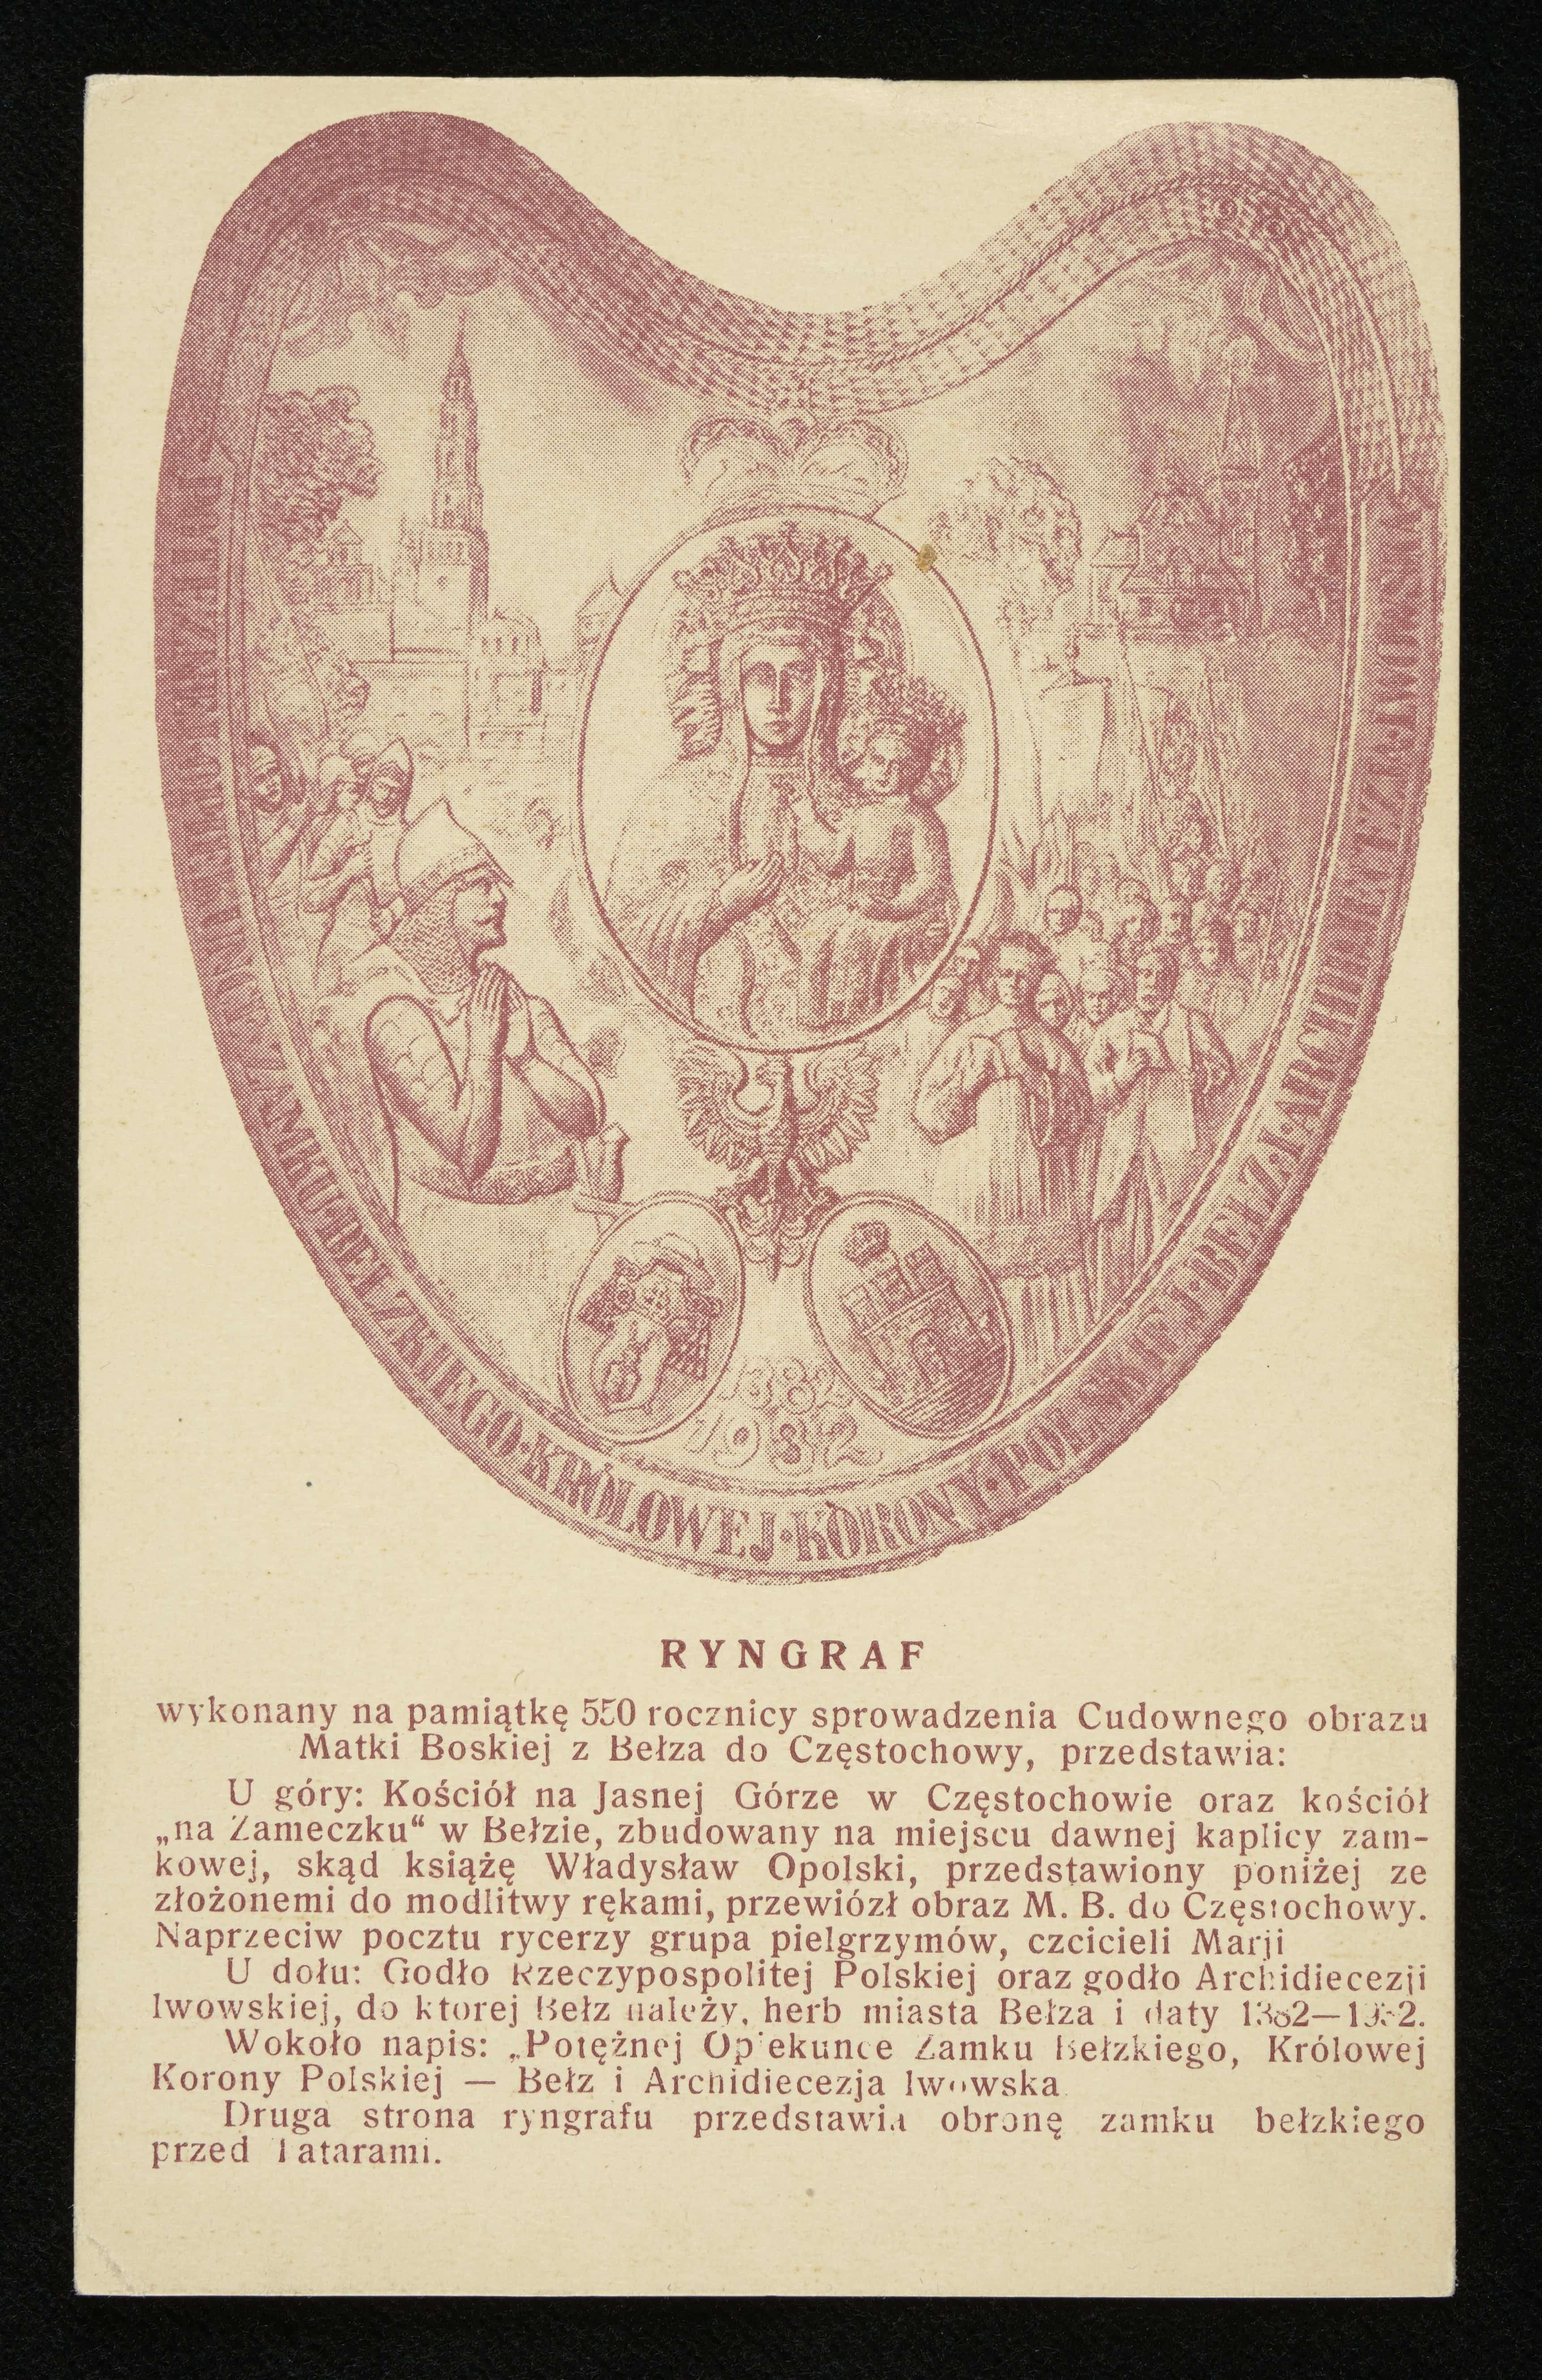 Ryngraf wykonany na pamiątkę 550 rocznicy sprowadzenia cudownego obrazu Matki Boskiej z Bełza do Częstochowy – awers. Źródło: Polona